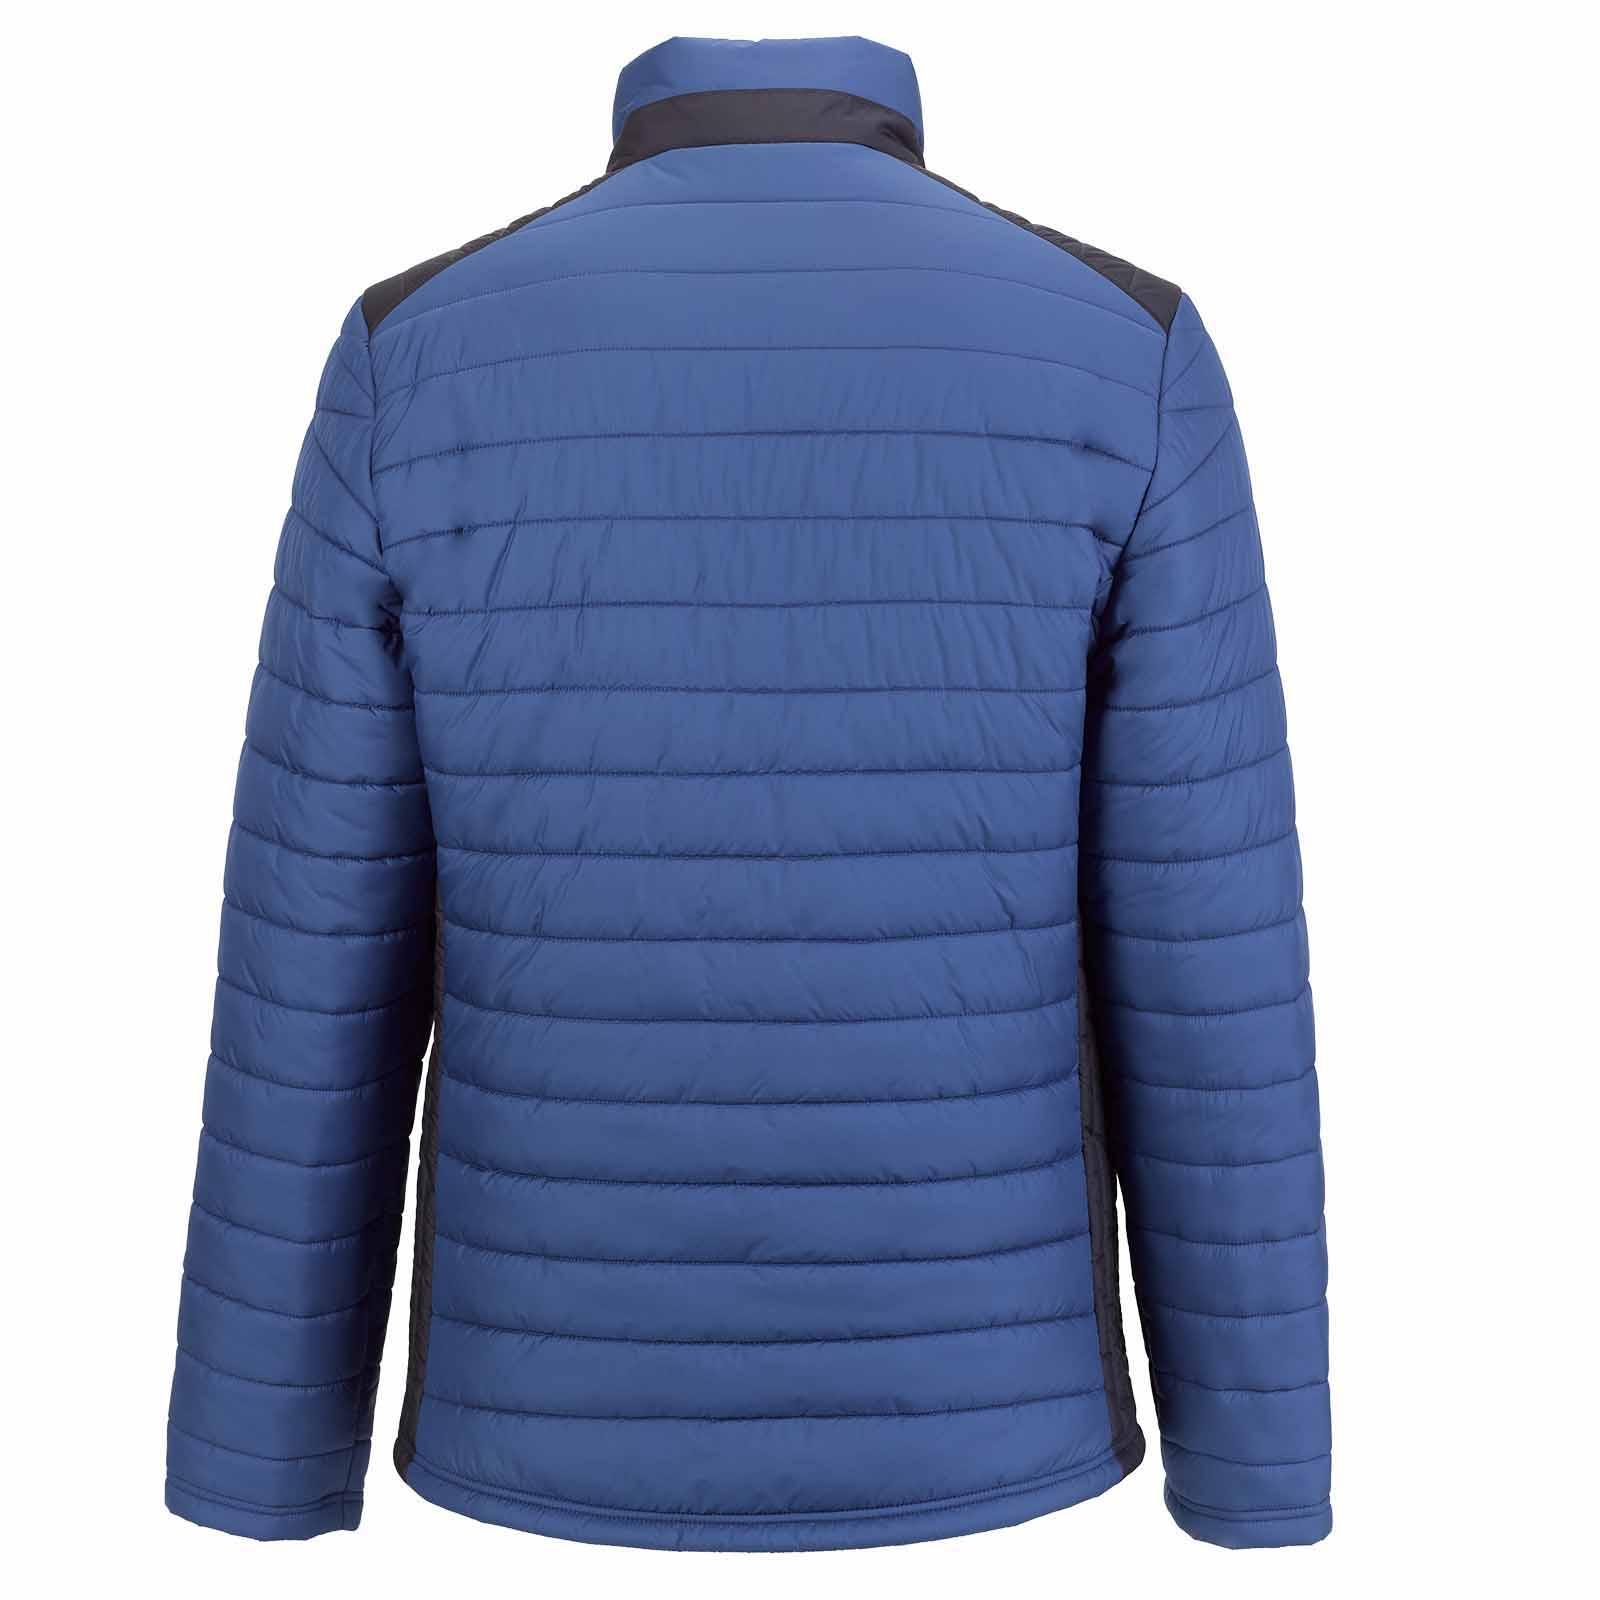 Herren Golf-Steppjacke mit Cold Protection Funktion und sehr guter Isolation